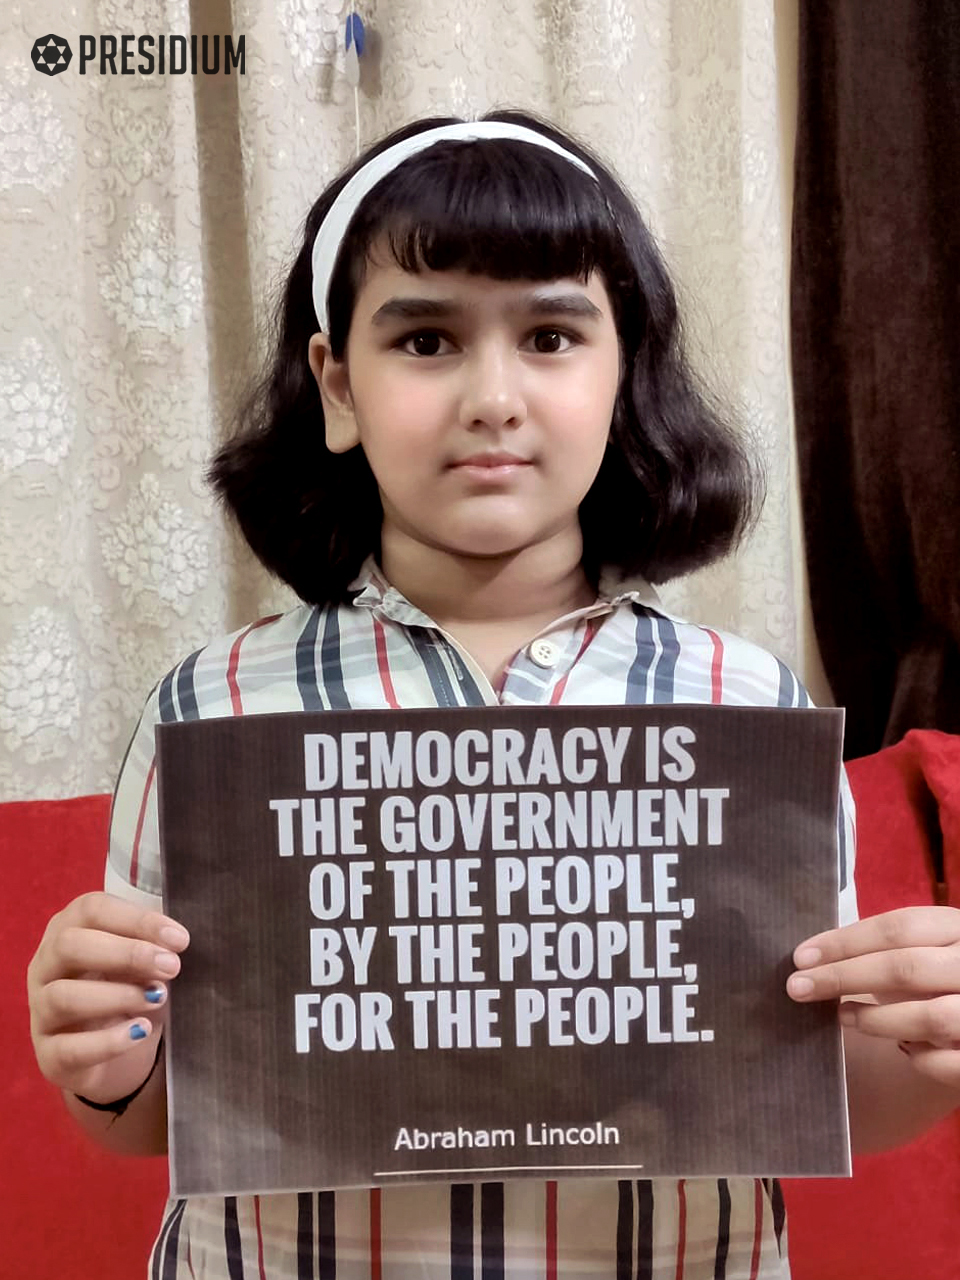 DEMOCRACY DAY 2020